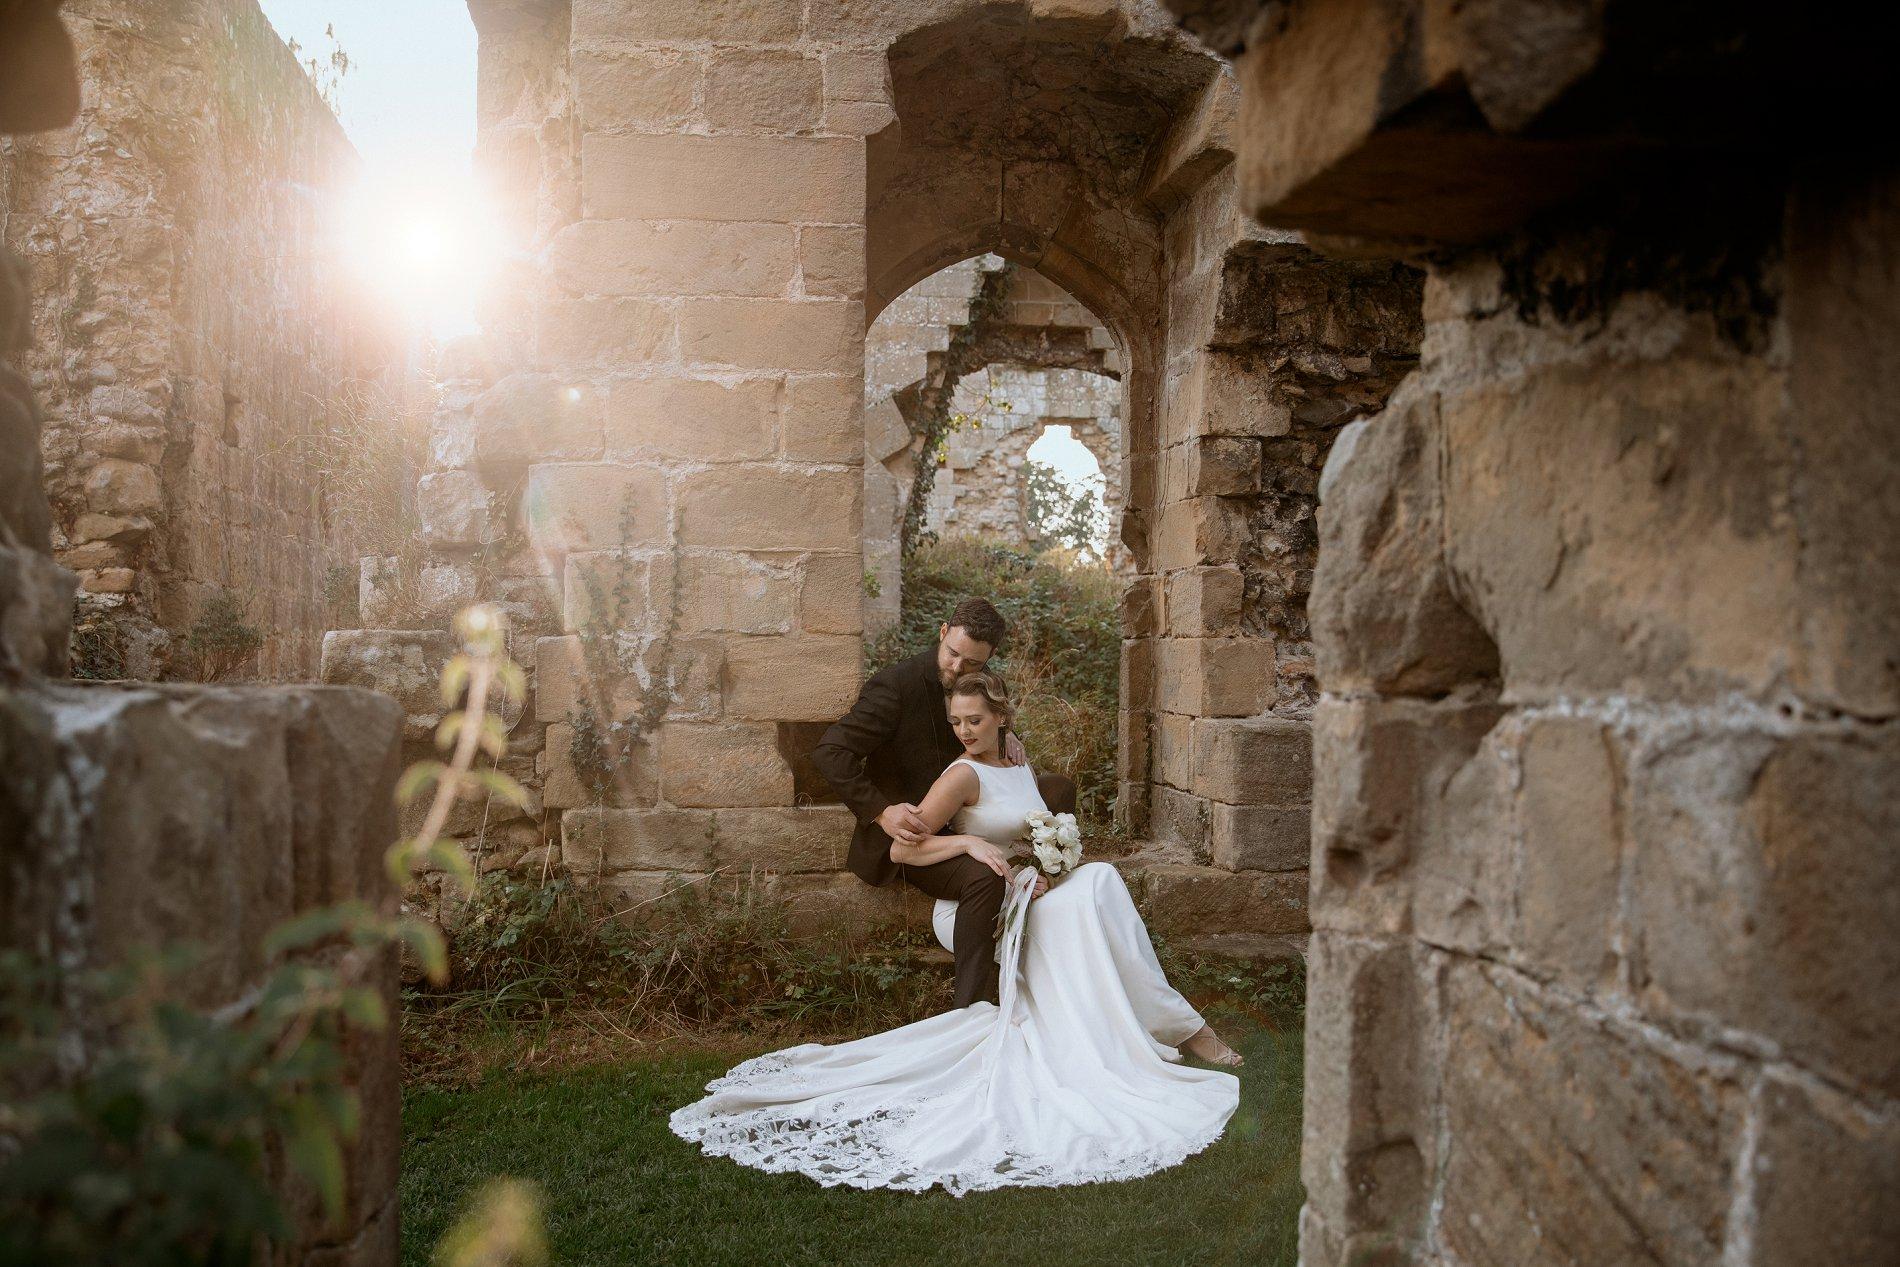 An Elegant Wedding Shoot at Jervaulx Abbey (c) Natalie Hamilton Photography (67)